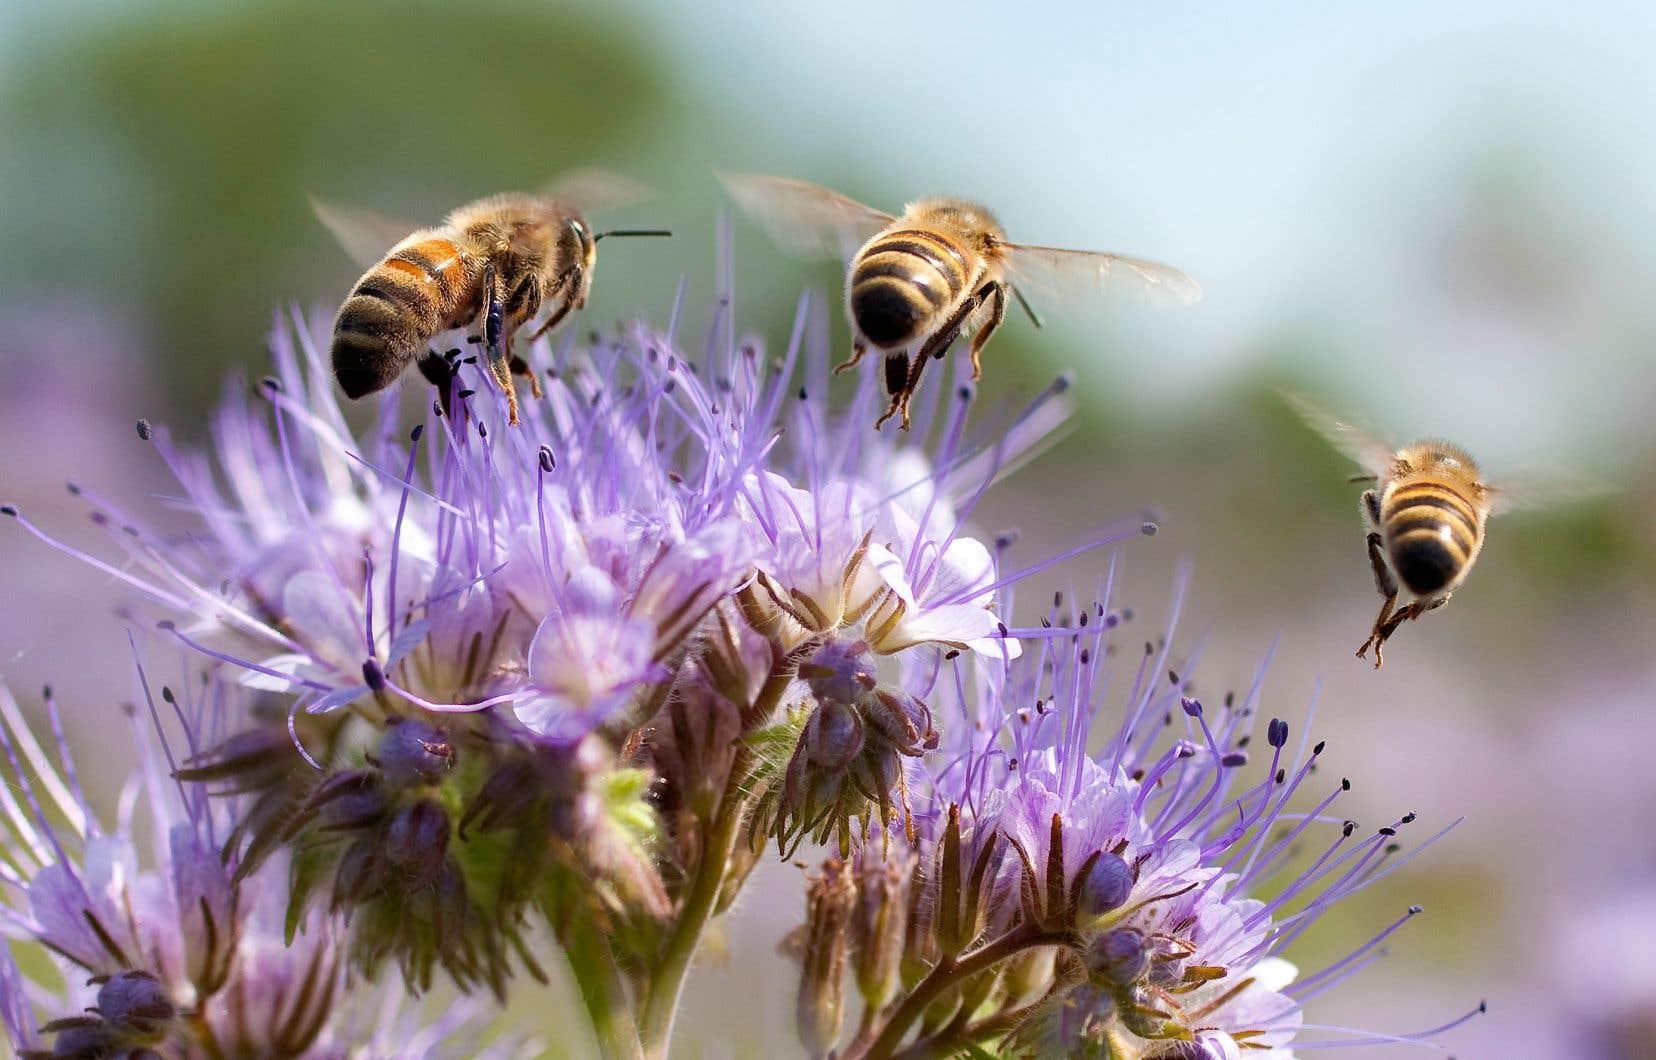 En raison des allergies d'une partie de la population au venin d'abeille, la présence de ruches en ville représente un enjeu de santé publique important qui requiert une grande prudence.